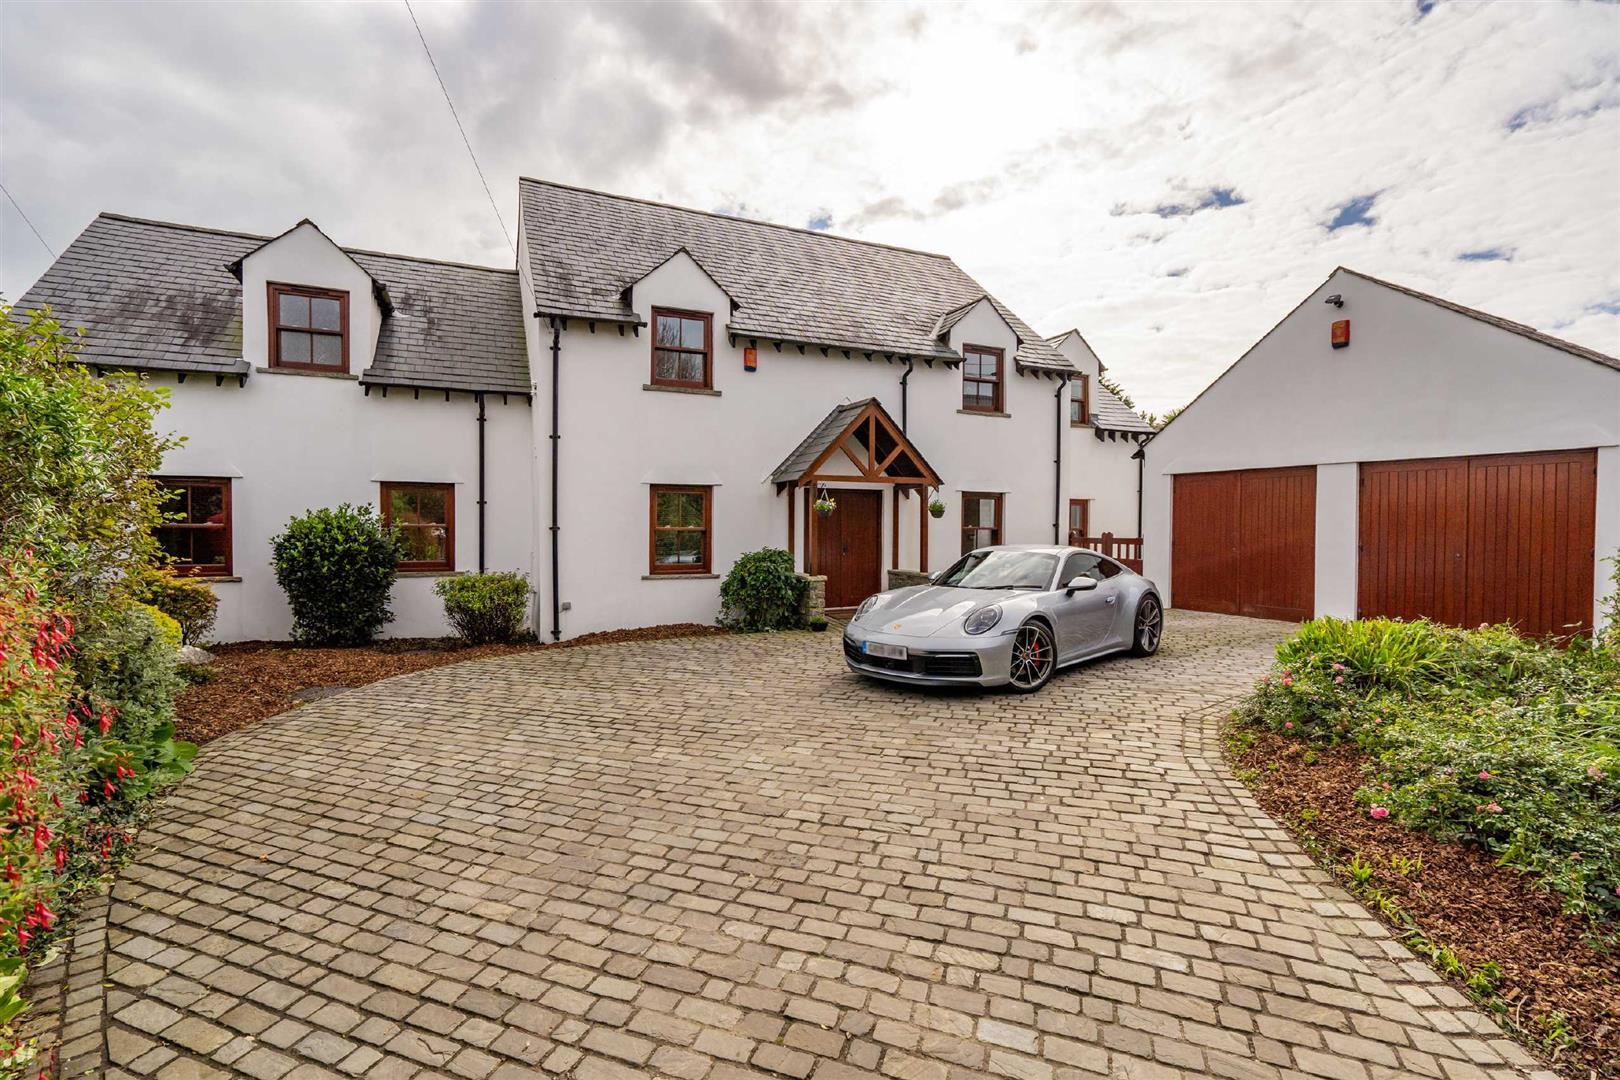 Overton Lane, Overton Port Eynon, Swansea